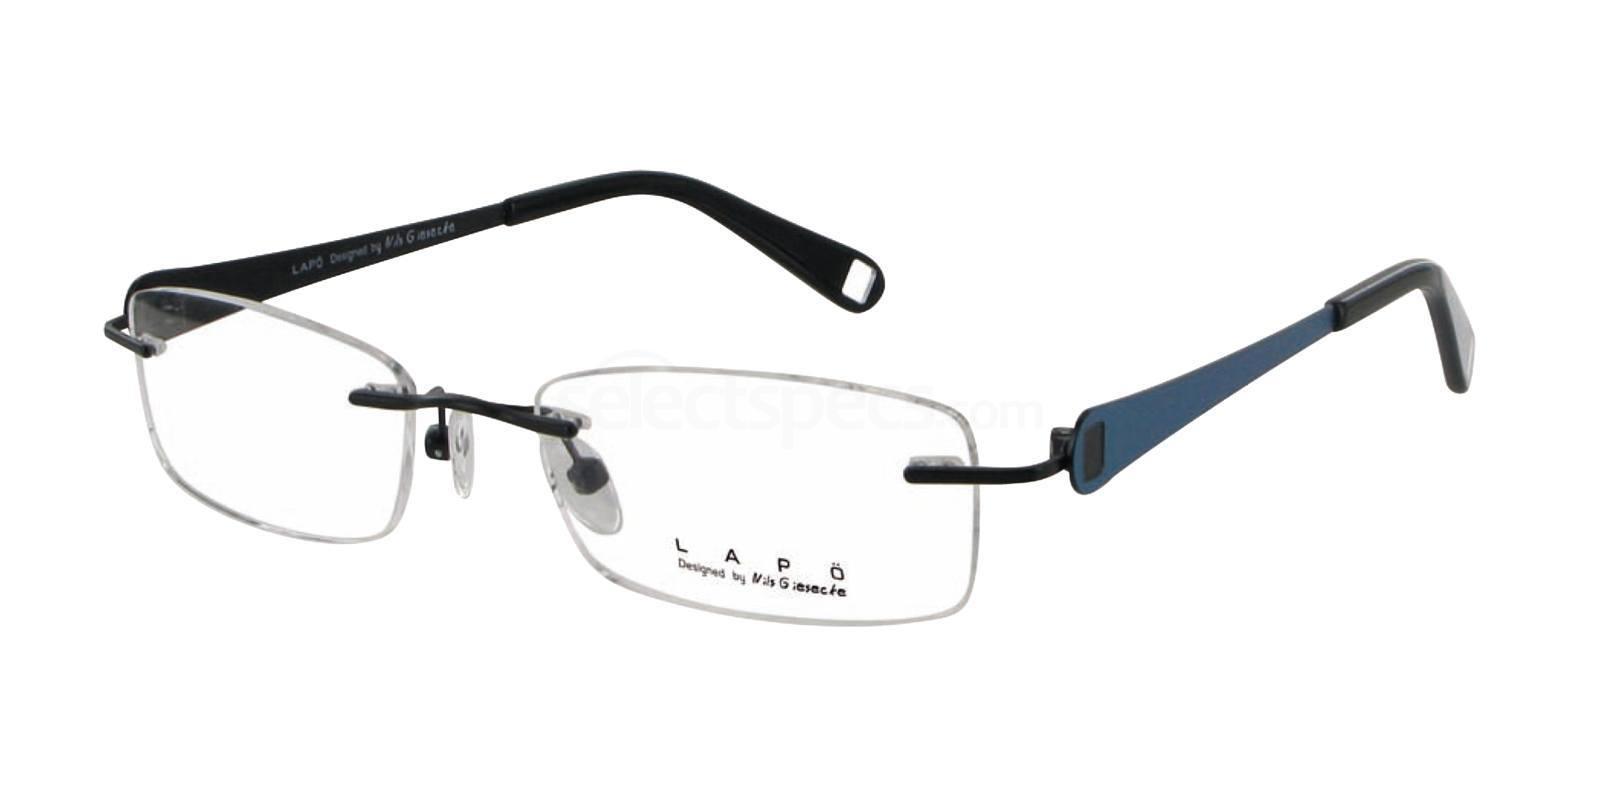 C01 LAMM115 Glasses, Lapö